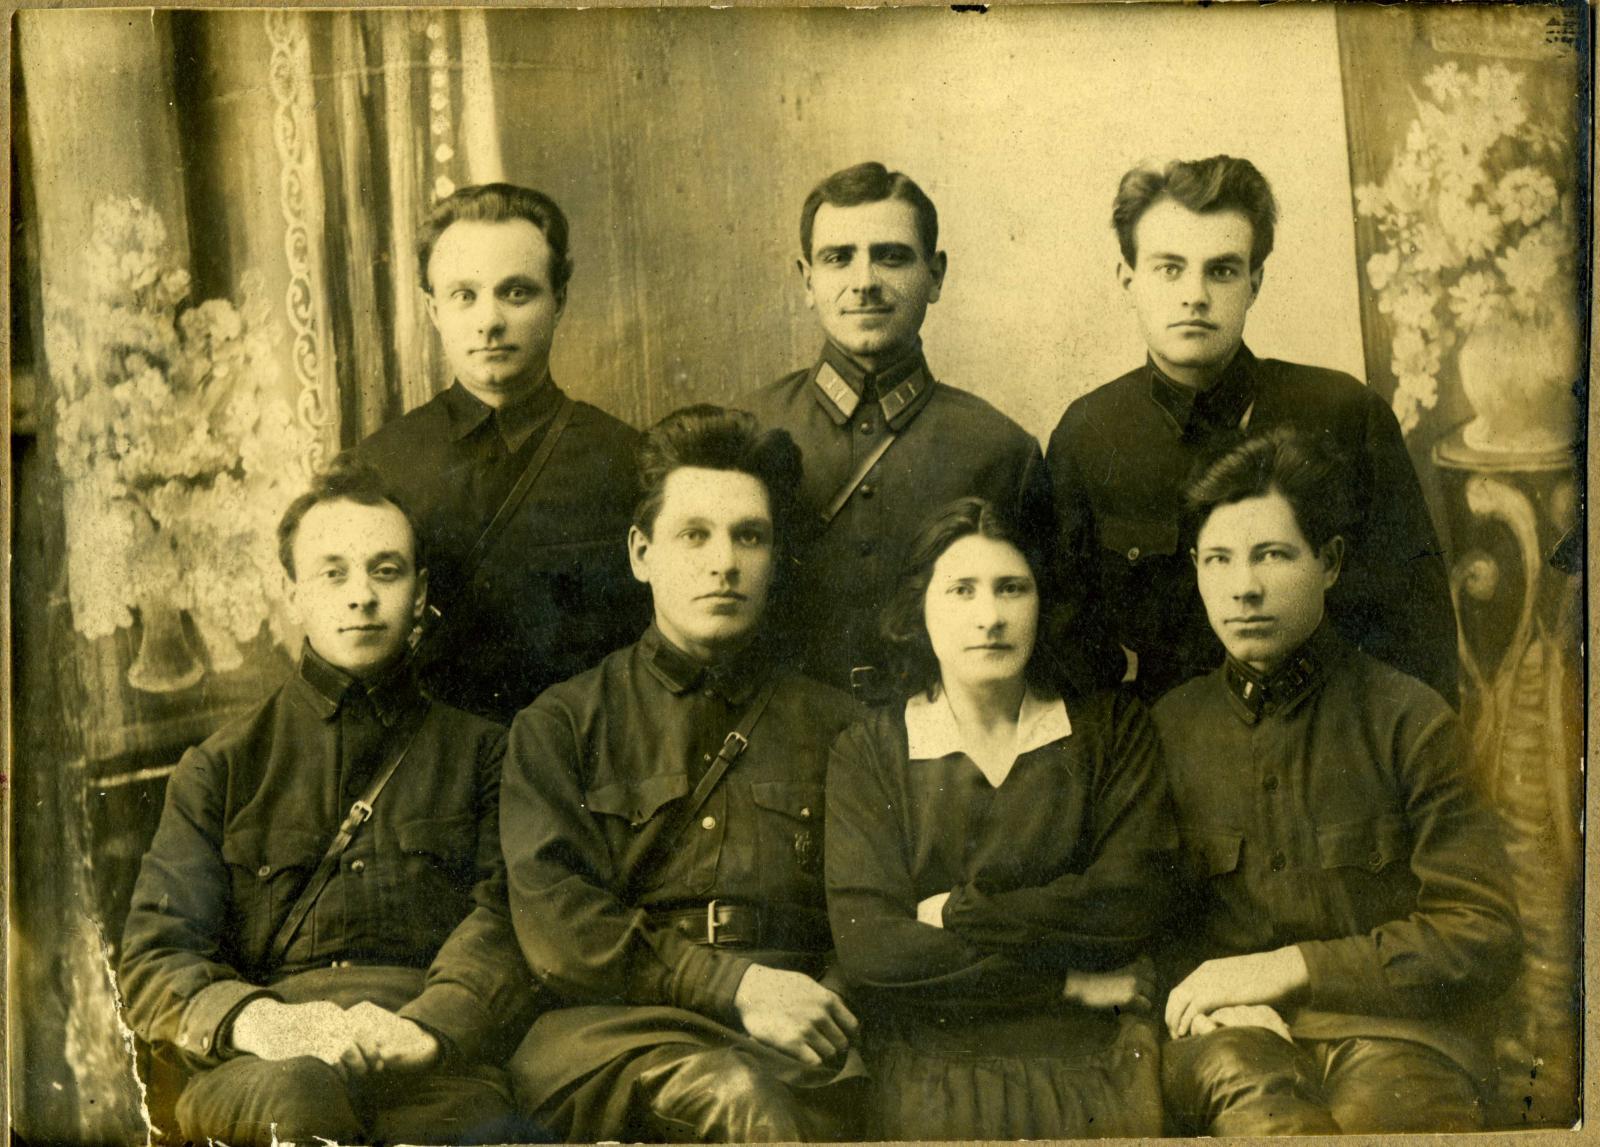 1931- 1935. Сотрудники ОГПУ и товарищ из РКМ со знаками различия 8-й должностной категории